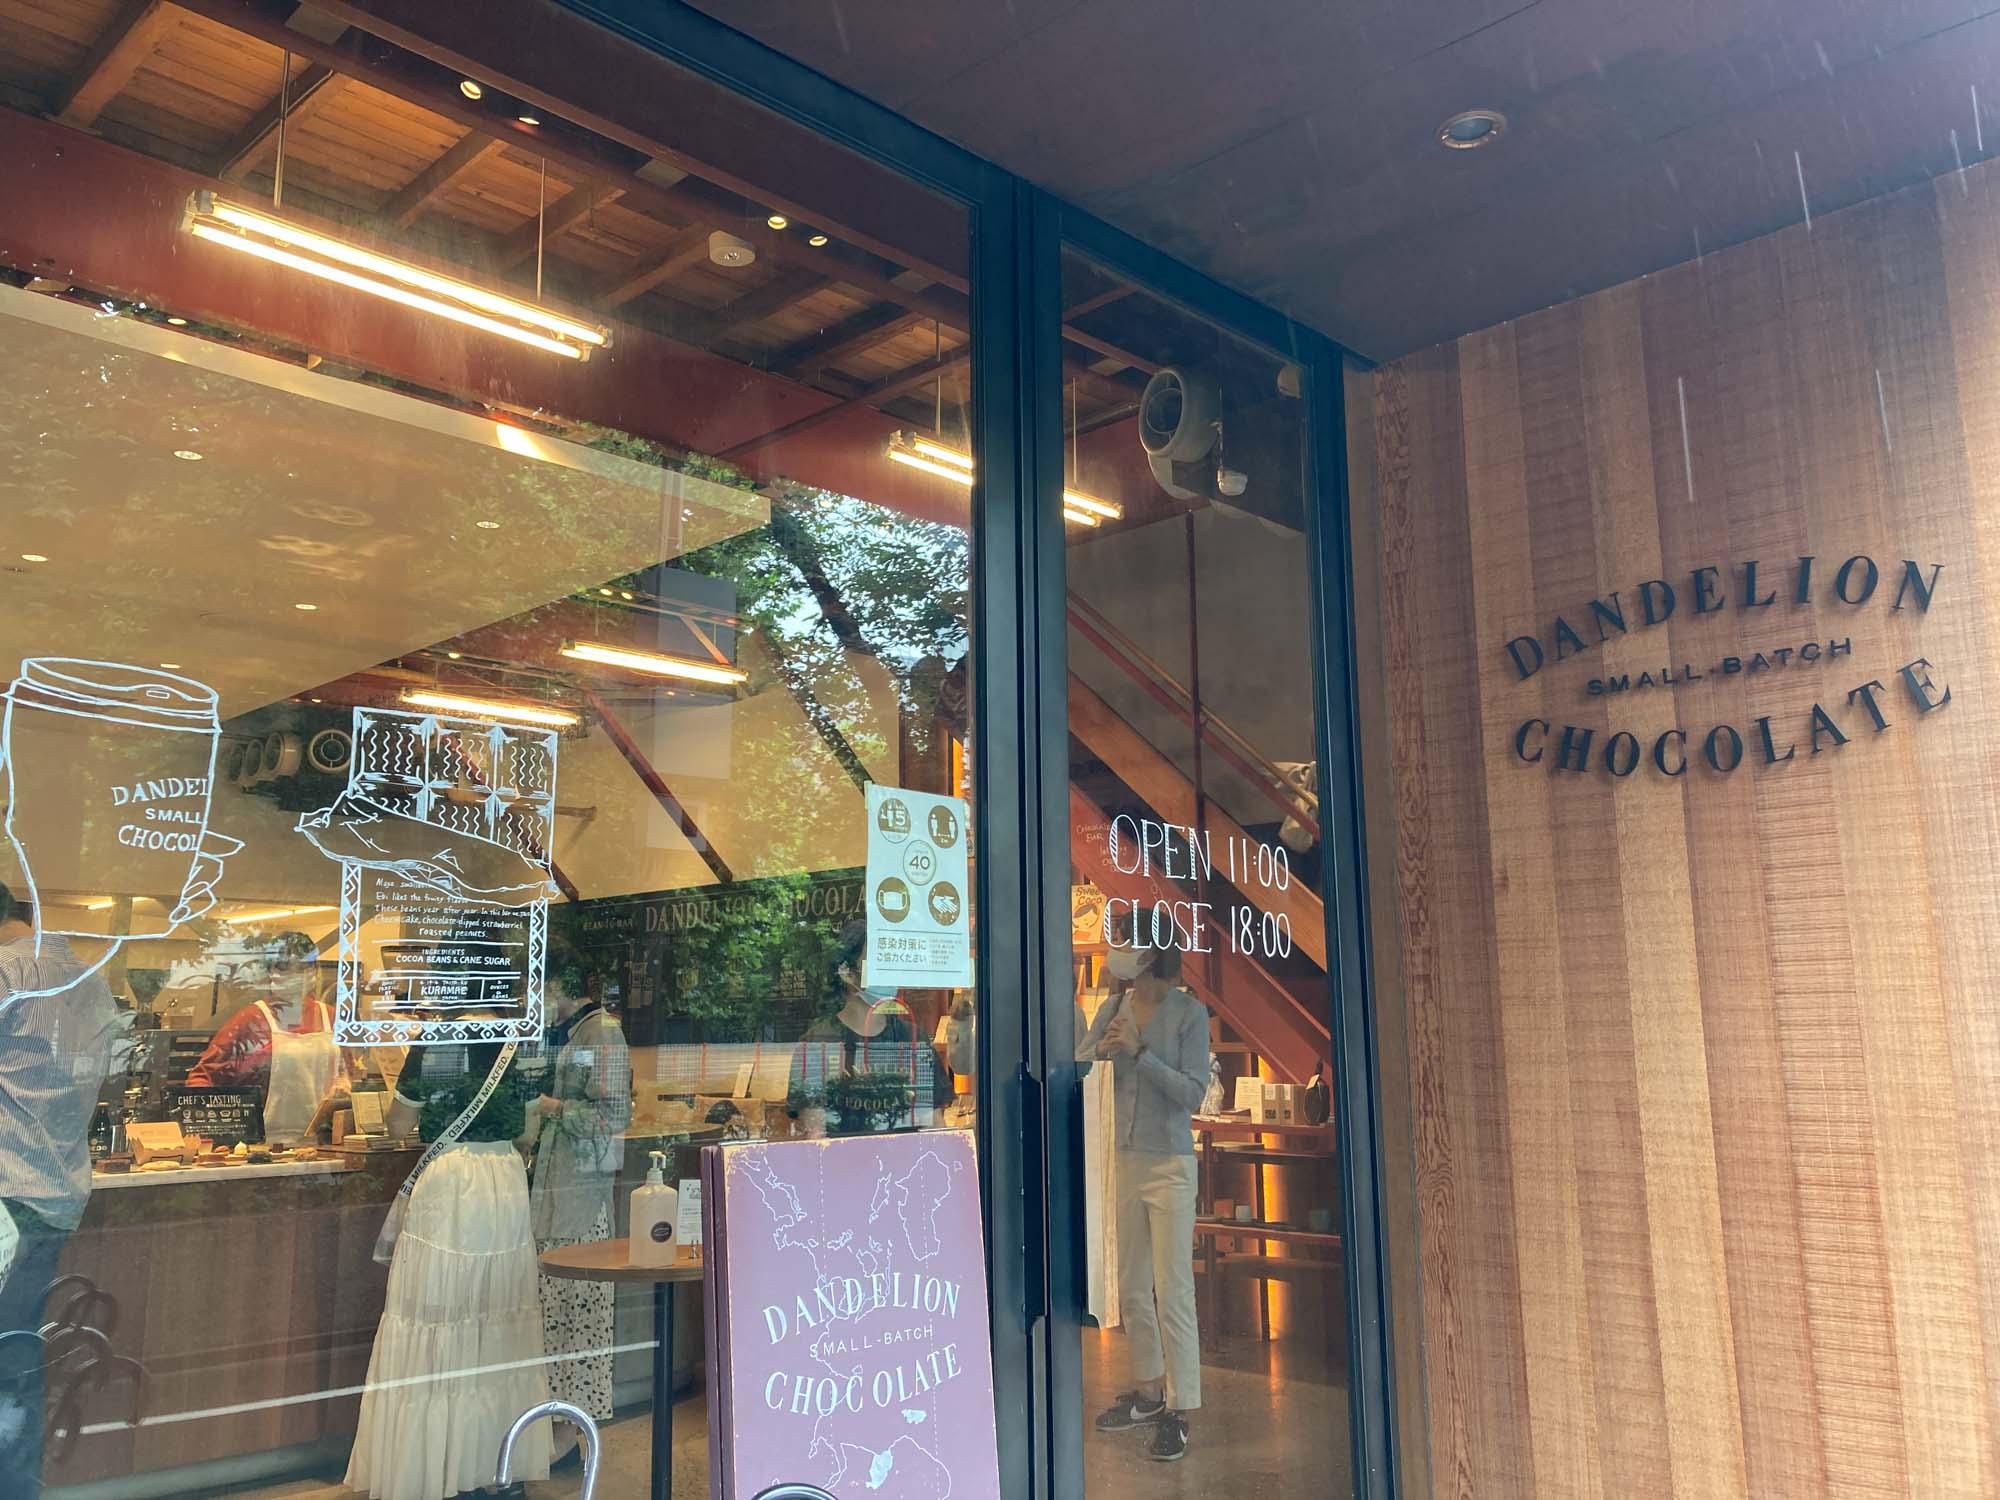 チョコレート専門店の「ダンデライオン・チョコレート」。2階には開放的なカフェスペースがあって、美味しいホットチョコレートなどもいただけます。